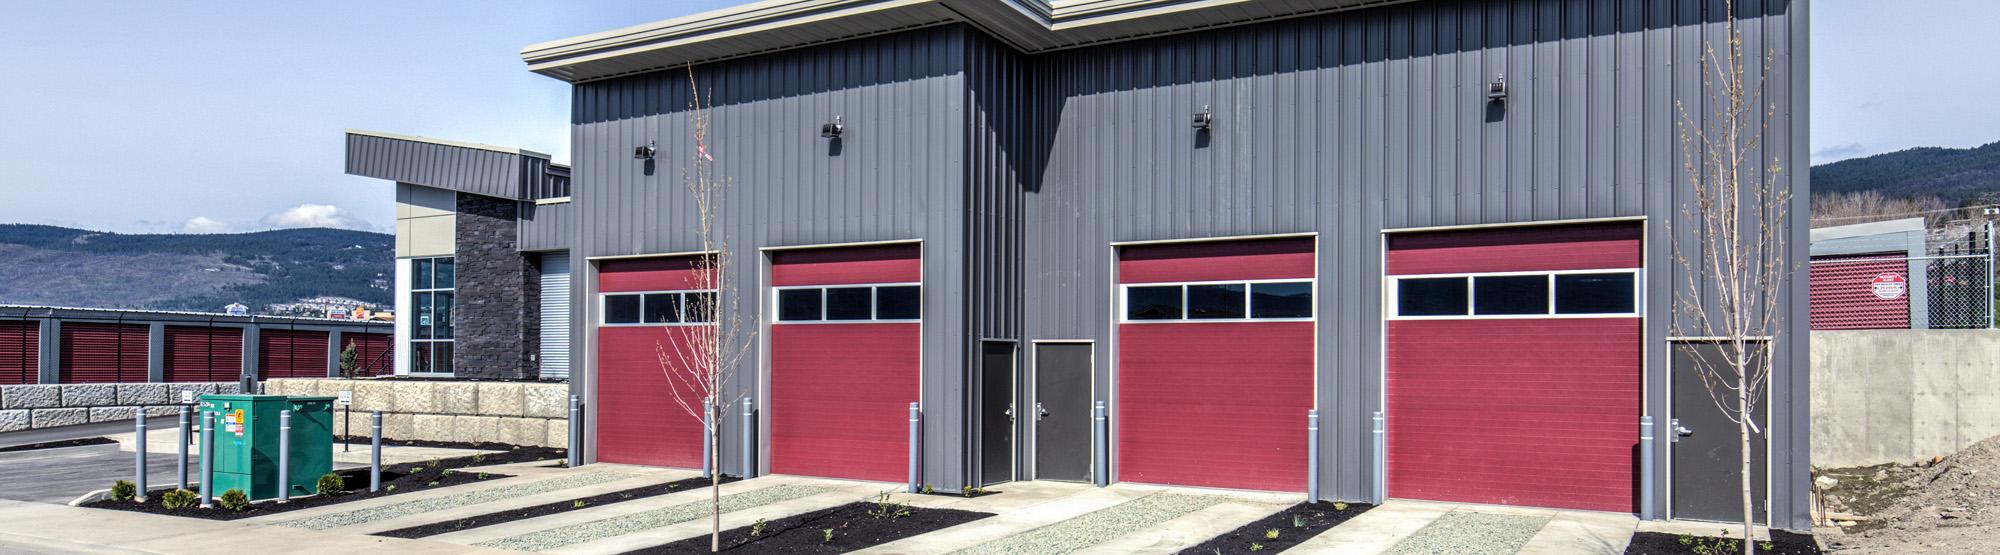 Garage Lofts